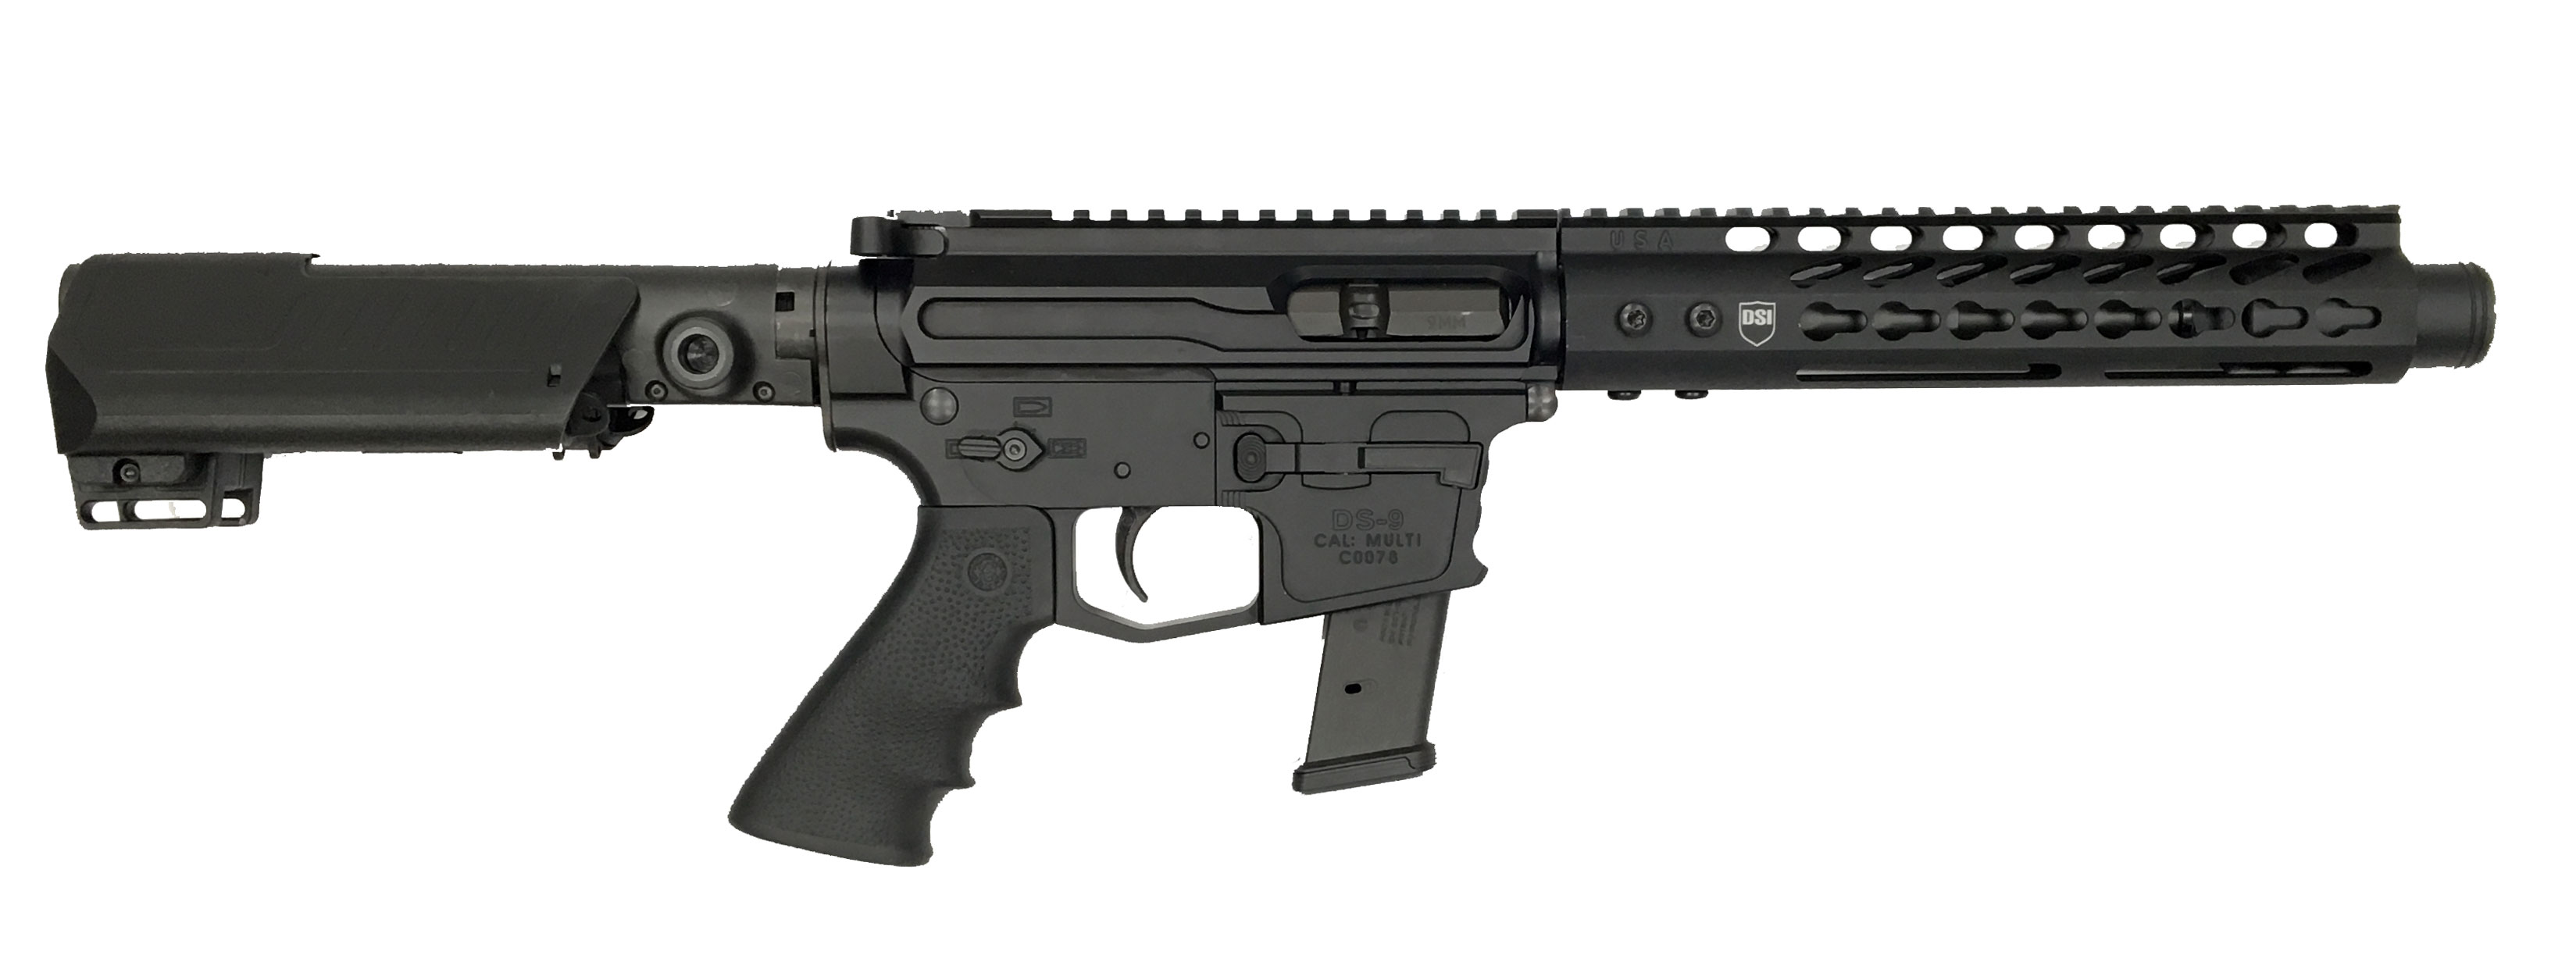 Dark Storm Ds 9 Hailstorm 9mm Pistol West Hartford Ct Gun Store